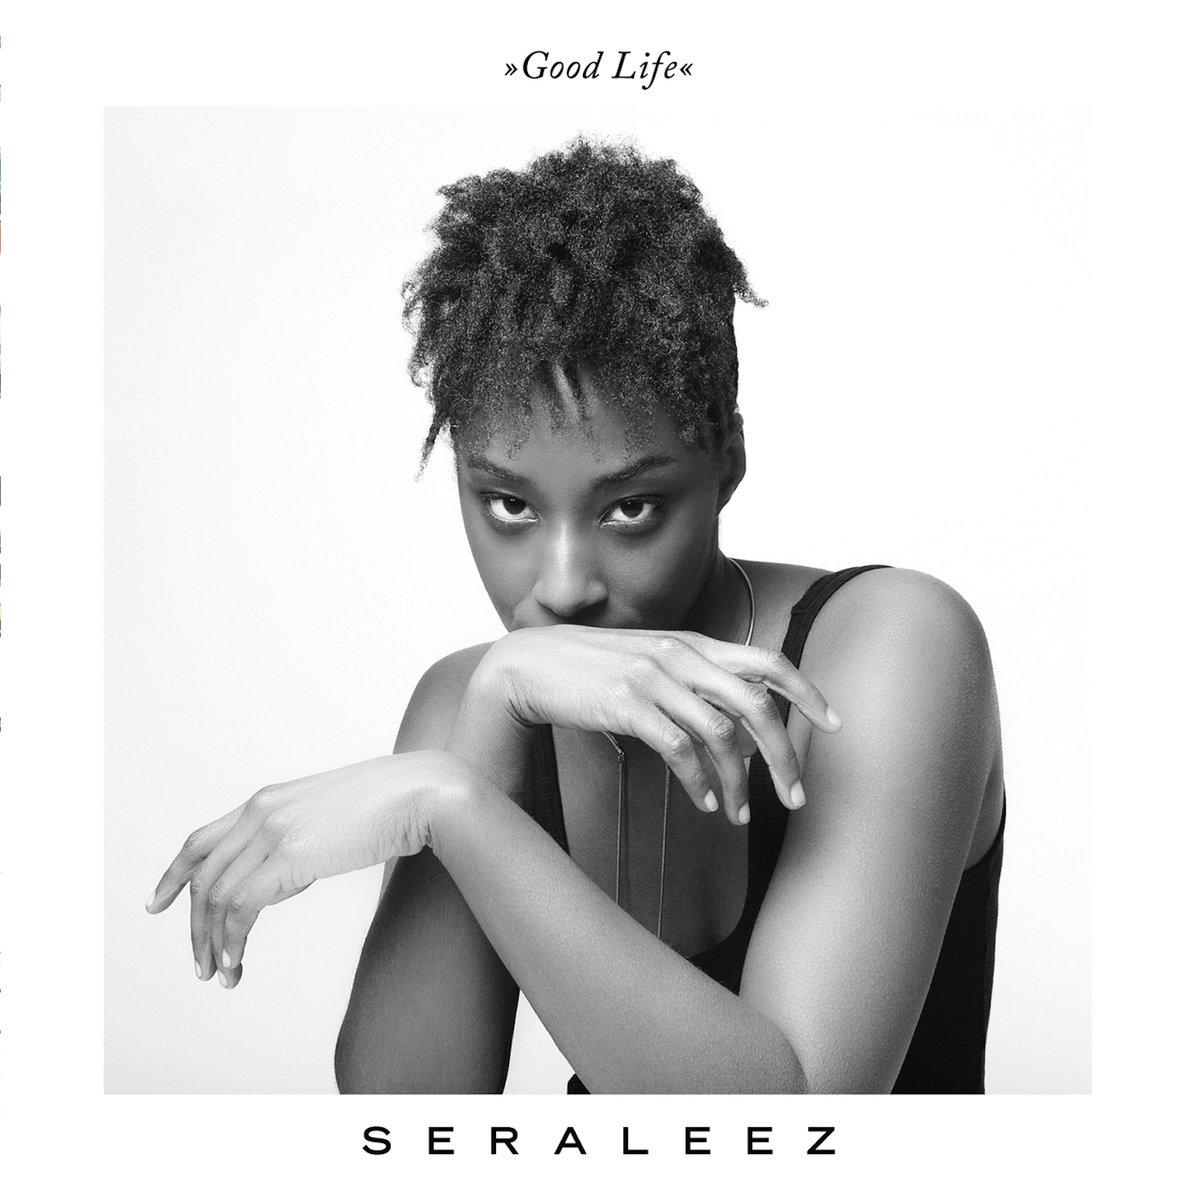 Happy Releaseday: Seraleez - Good Life - eine harmonische Mischung aus NuSoul, R'n'B und Jazz auf Basis ansteckender HipHop-Beats